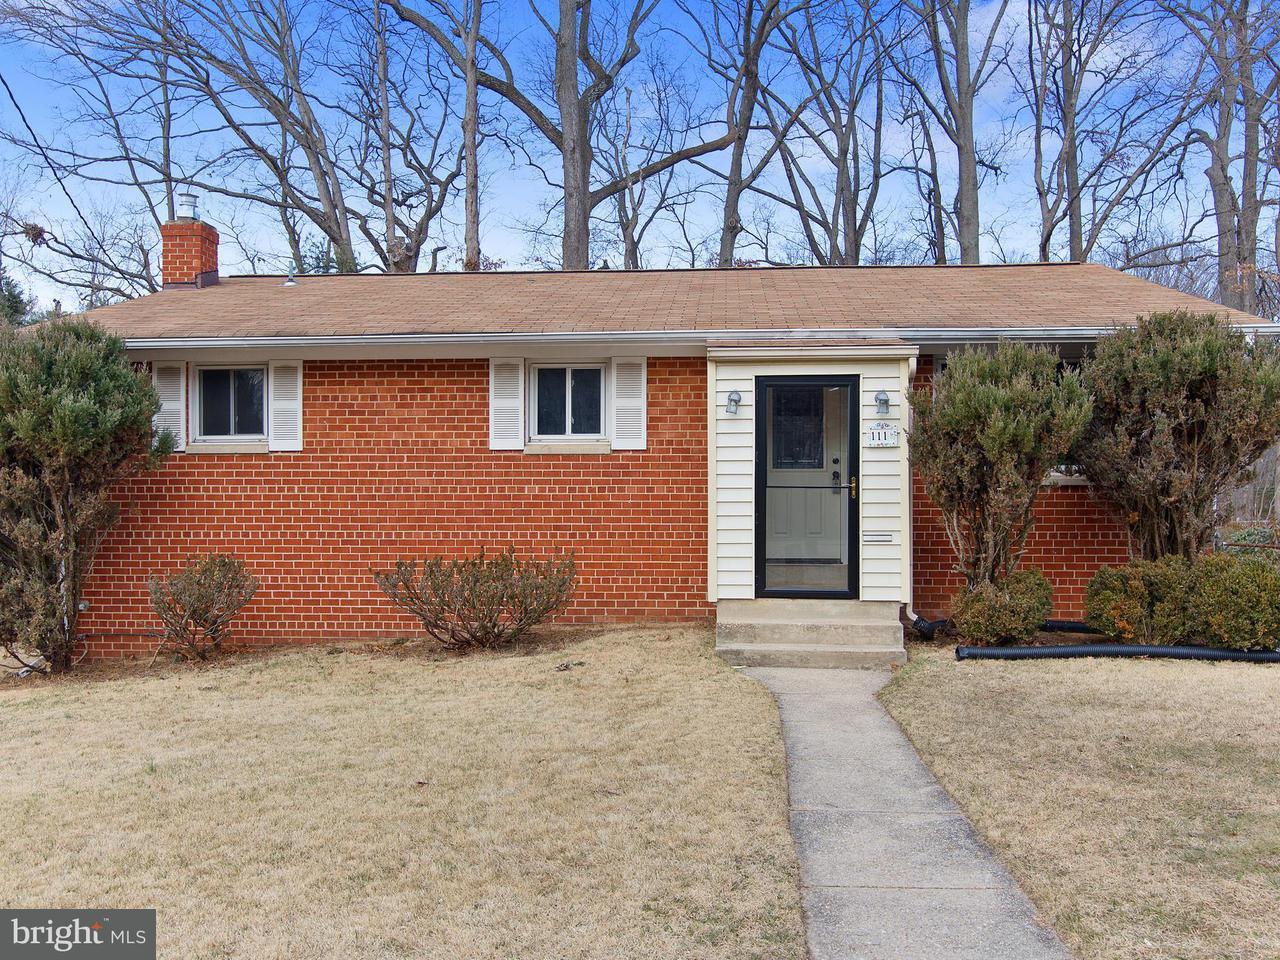 一戸建て のために 売買 アット 111 Hannes Street 111 Hannes Street Silver Spring, メリーランド 20901 アメリカ合衆国